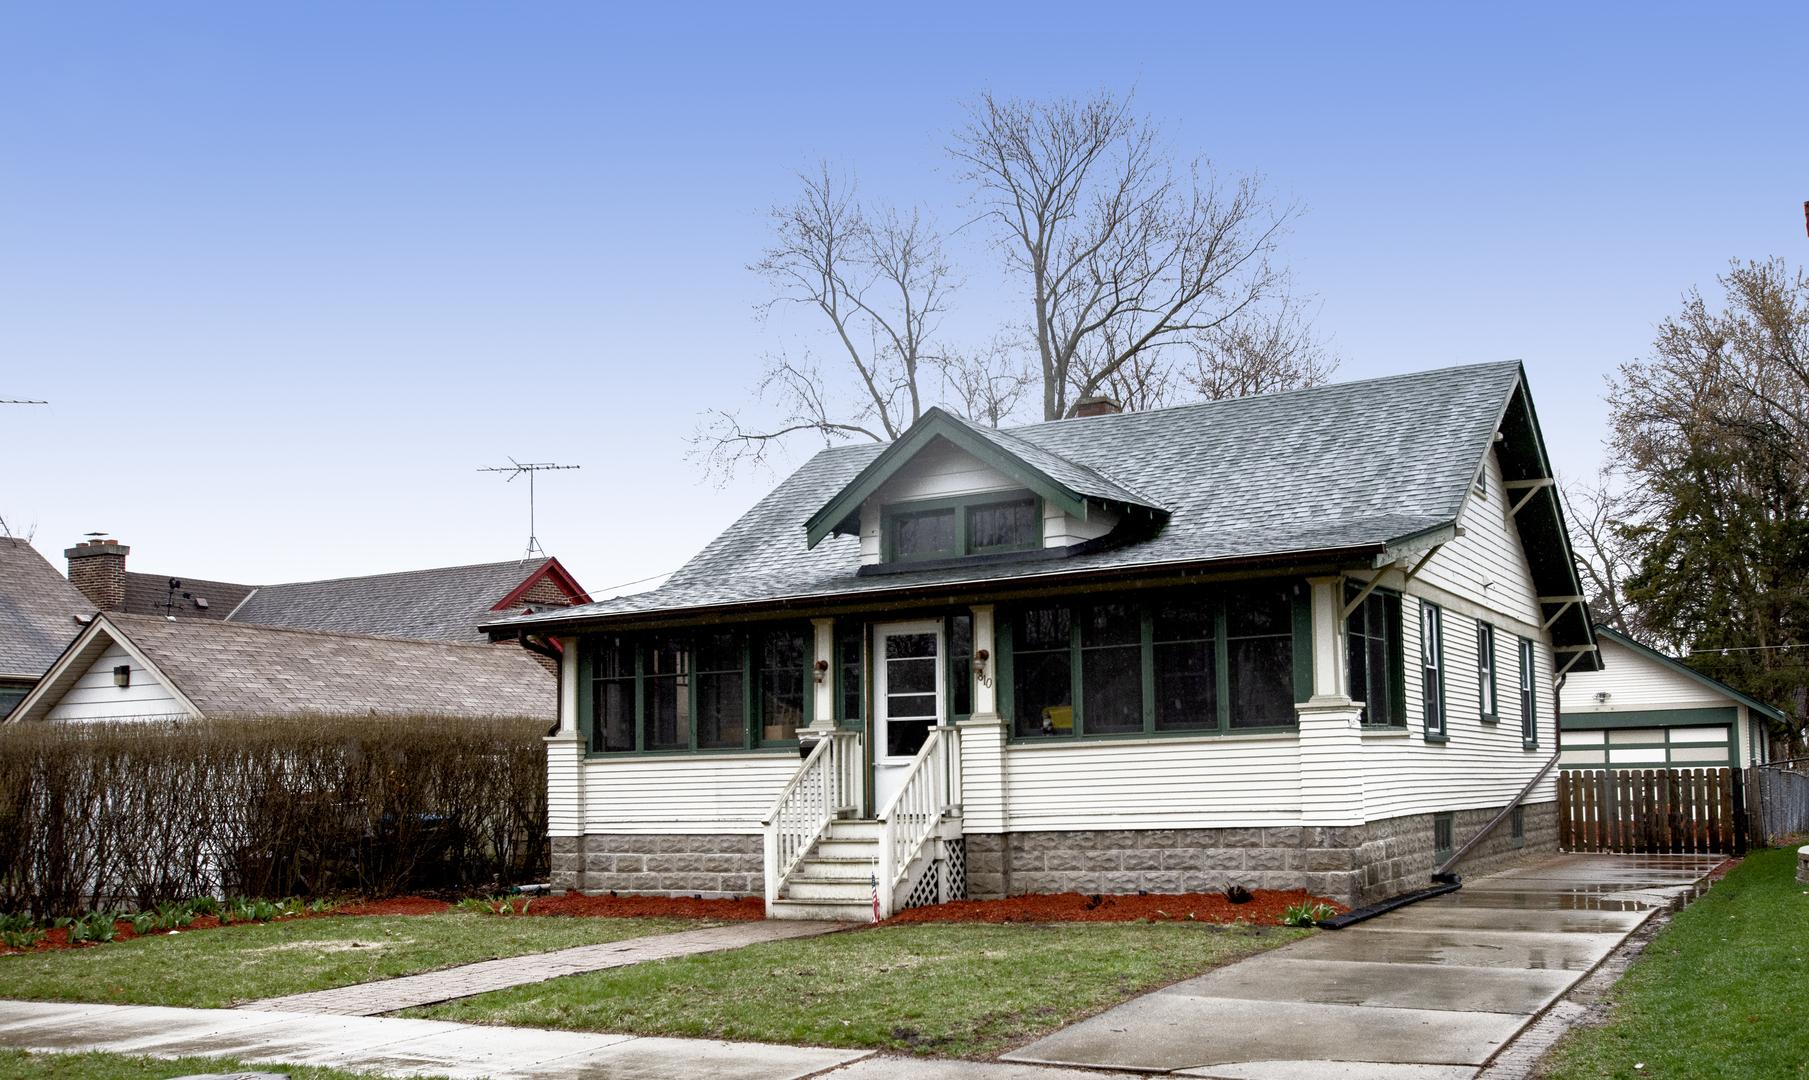 810 SPRUCE, AURORA, Illinois, 60506